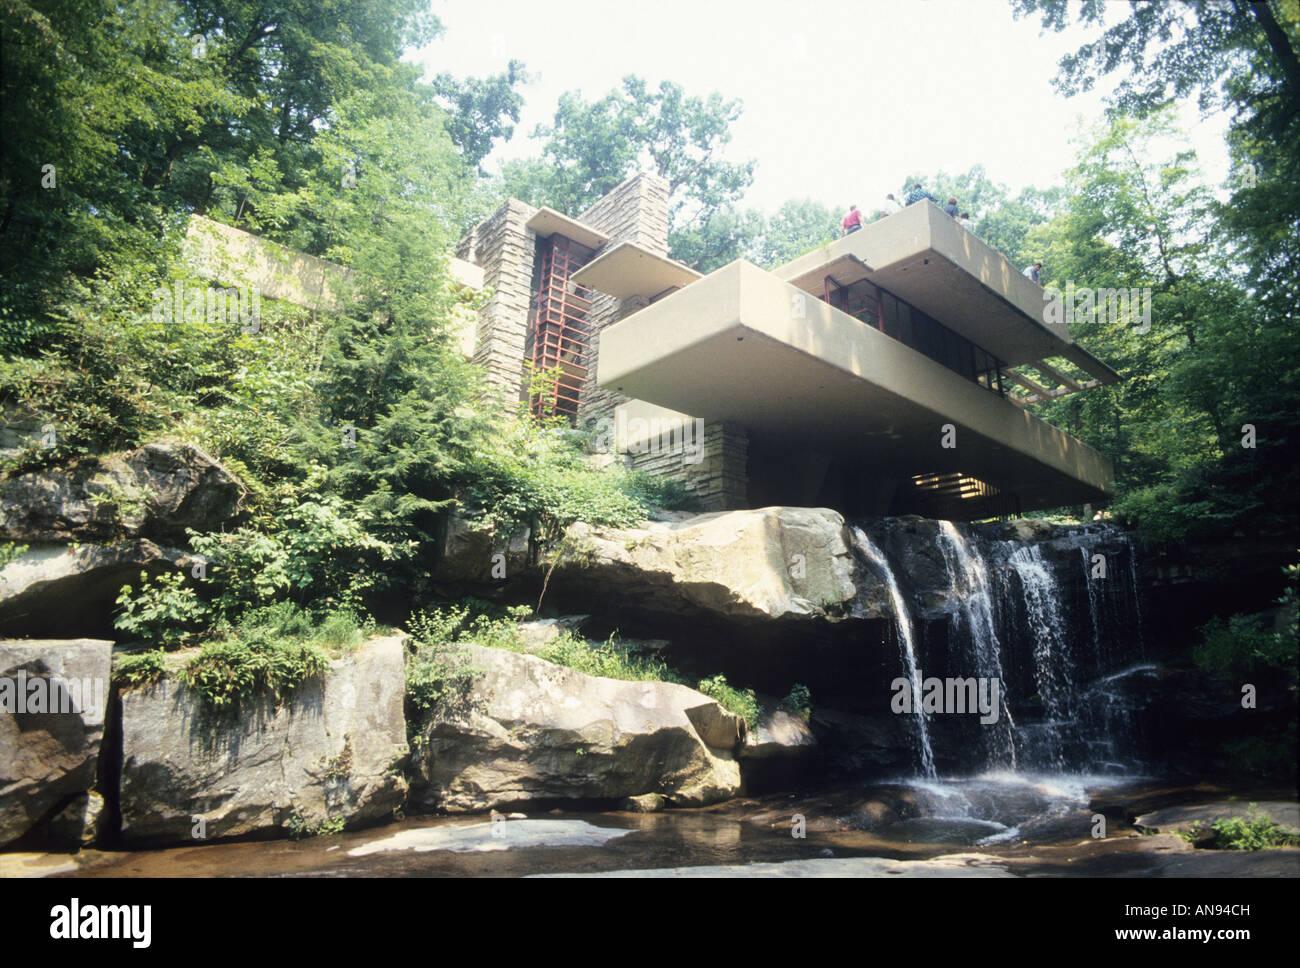 Fallende Wasser, Haus von Frank Lloyd Wright entworfen, besuchen Pennsylvania USA Touristen Architektur Wahrzeichen Stockfoto